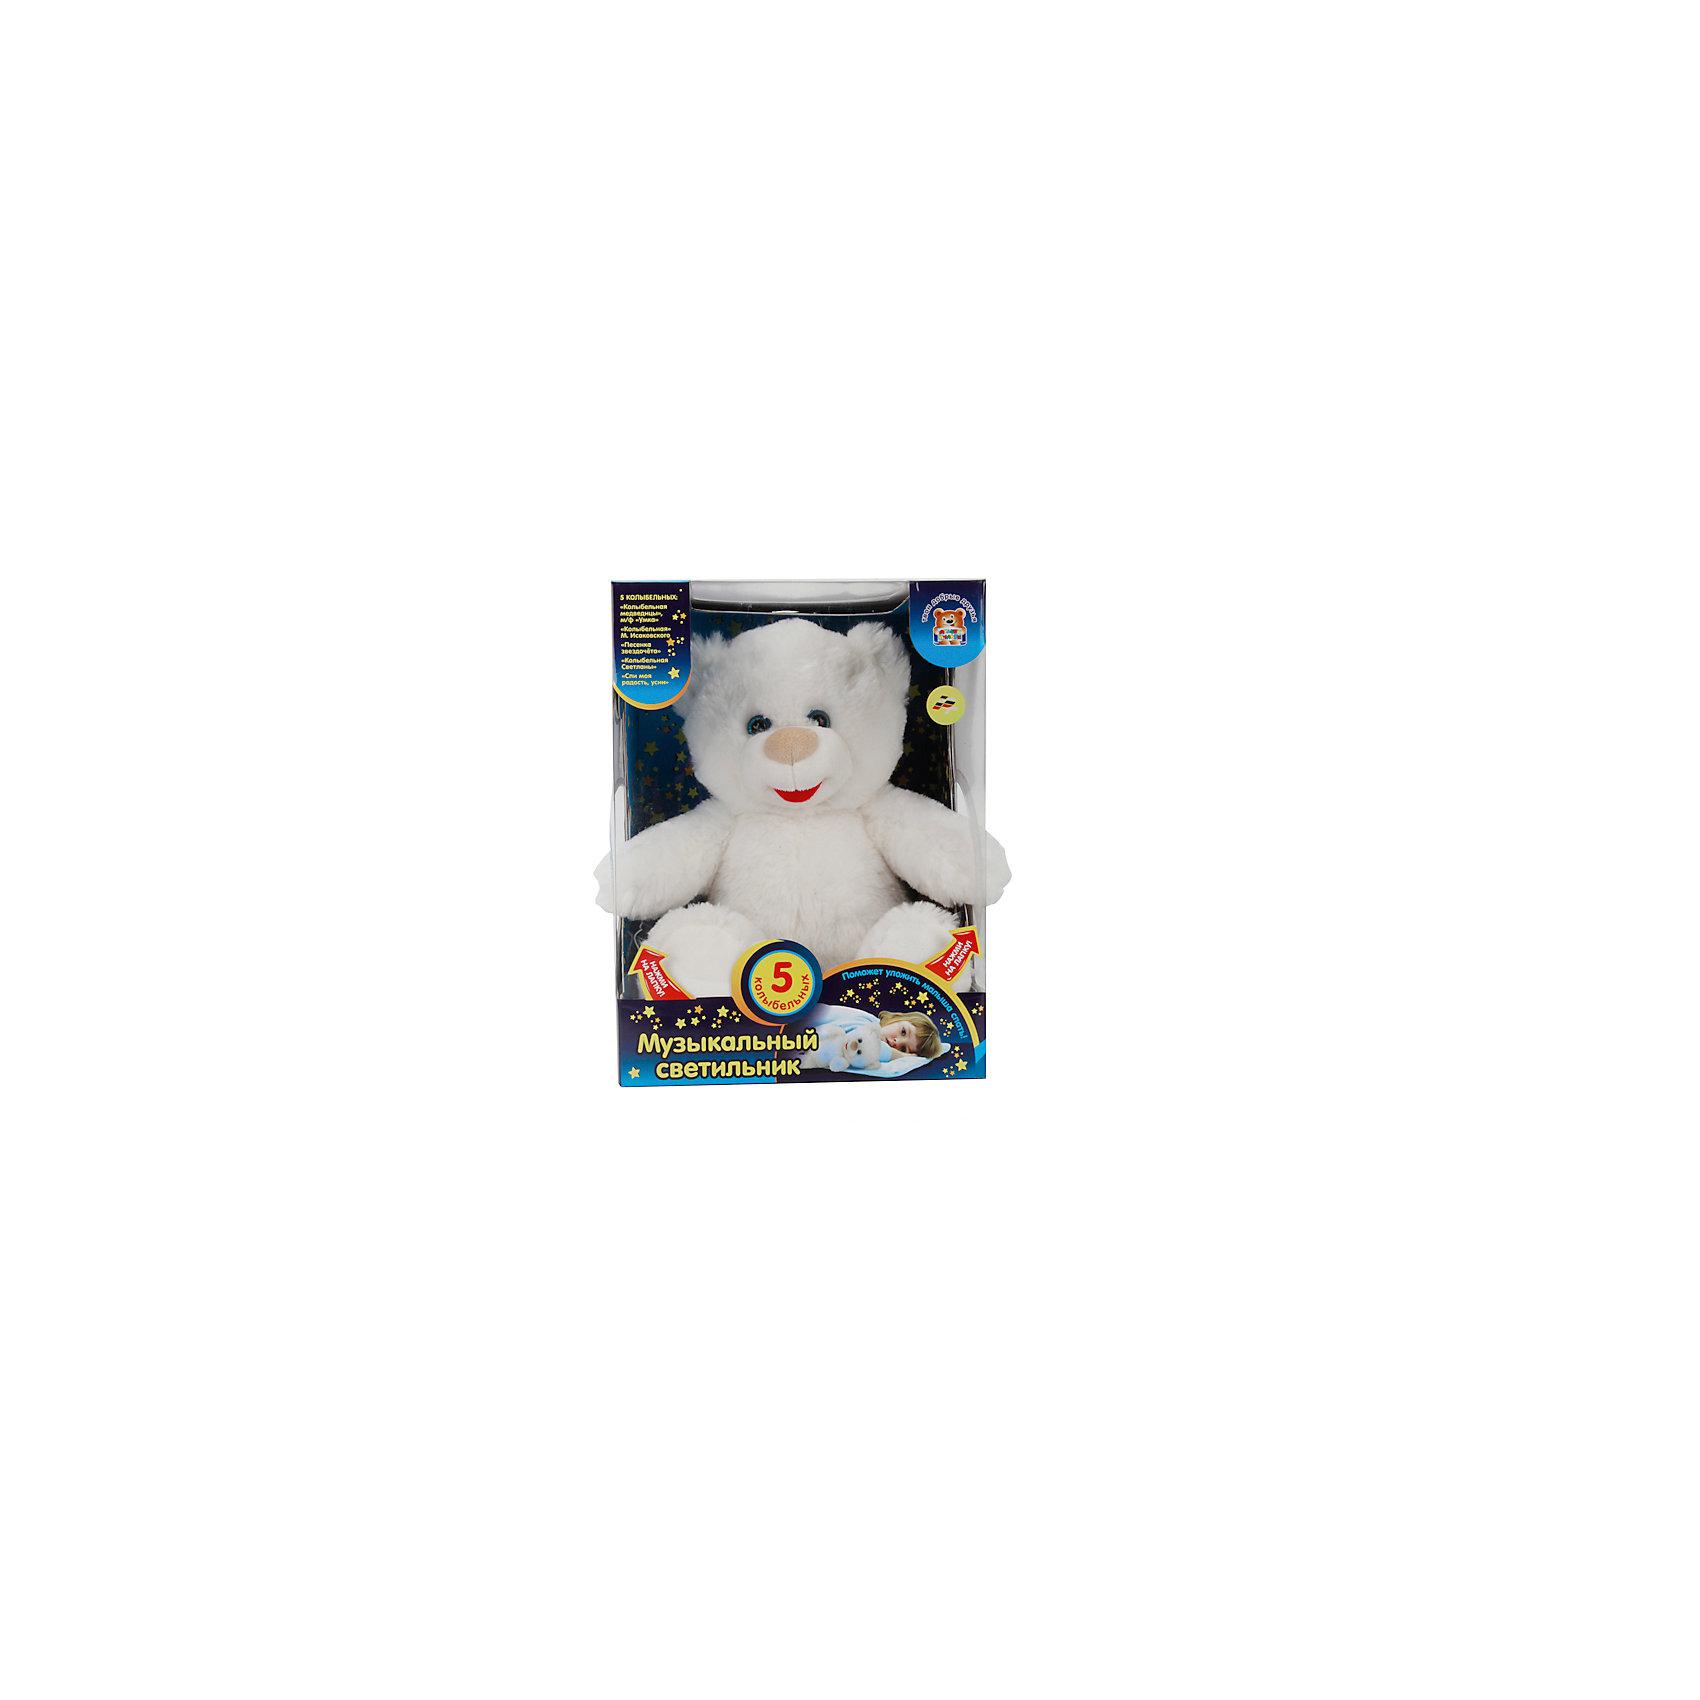 Интерактивная игрушка Лунный медвежонок, МУЛЬТИ-ПУЛЬТИЭтот замечательный мягкий медвежонок станет лучшим другом вашего малыша. Он поможет крохе уснуть, успокоив его нежными колыбельными, надо лишь нажать на левую лапку мишки. Если повторить нажатие, замигают разноцветные огоньки. Уровень громкости регулируется с помощью кнопки, расположенной на нижней левой лапке игрушки. Лунный медвежонок подарит вашему малышу добрые и хорошие сны на всю ночь! <br><br>Дополнительная информация:<br><br>- Материал: мех, пластик.<br>- Размер: 27 см.<br>- Звуковые, световые эффекты. <br>- 5 колыбельные песен. <br>- Возможность выбора колыбельной (кнопка на правой лапе).<br>Элемент питания: 3 ААА батарейки (входят в комплект). <br><br>Интерактивную игрушку Лунный медвежонок, МУЛЬТИ-ПУЛЬТИ, можно купить в нашем магазине.<br><br>Ширина мм: 320<br>Глубина мм: 220<br>Высота мм: 220<br>Вес г: 860<br>Возраст от месяцев: 3<br>Возраст до месяцев: 72<br>Пол: Унисекс<br>Возраст: Детский<br>SKU: 4281691